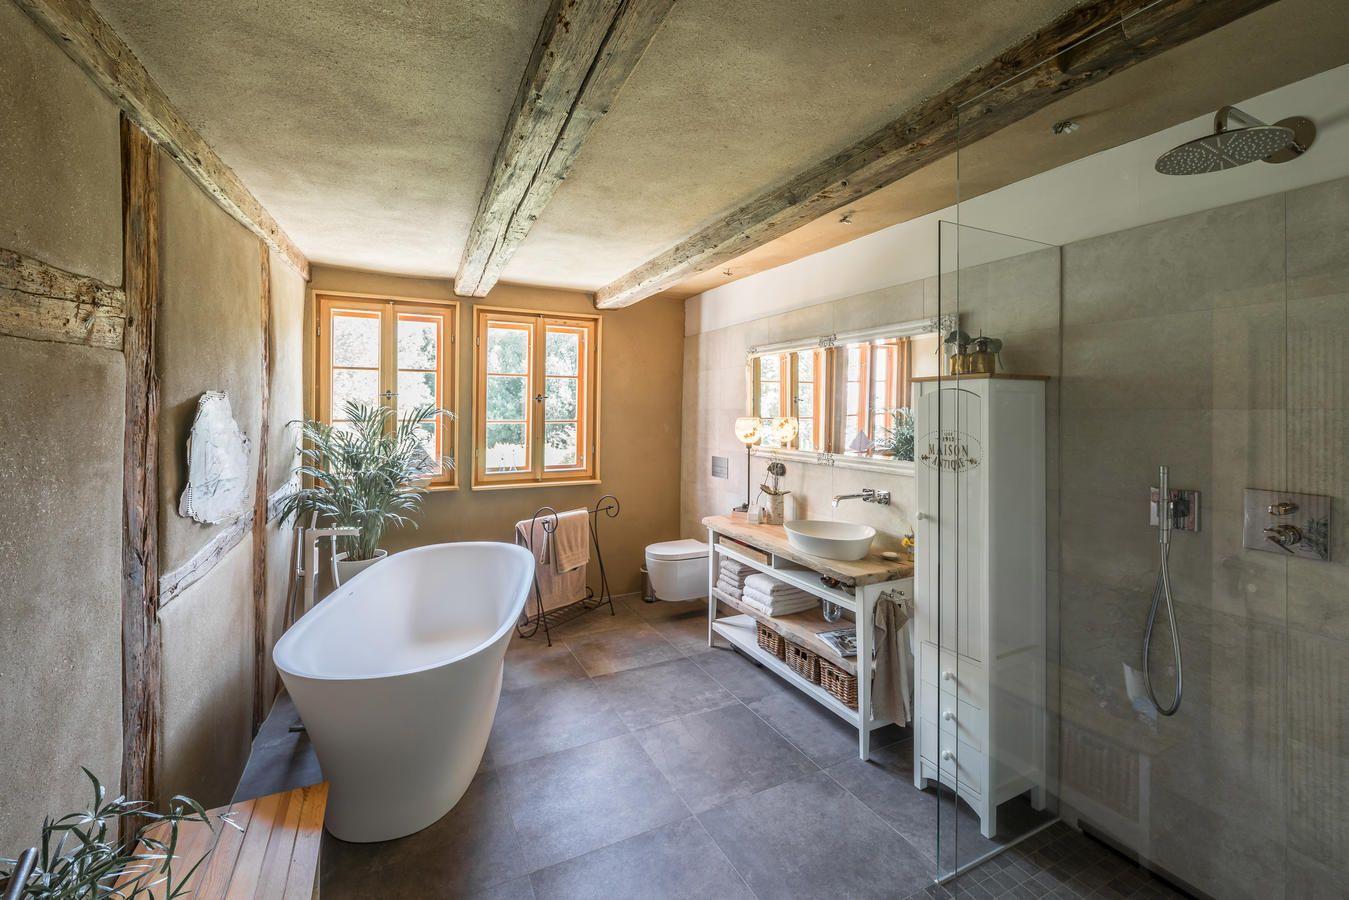 Pin Von Zach Rogers Auf Altes Haus Restauration In 2019